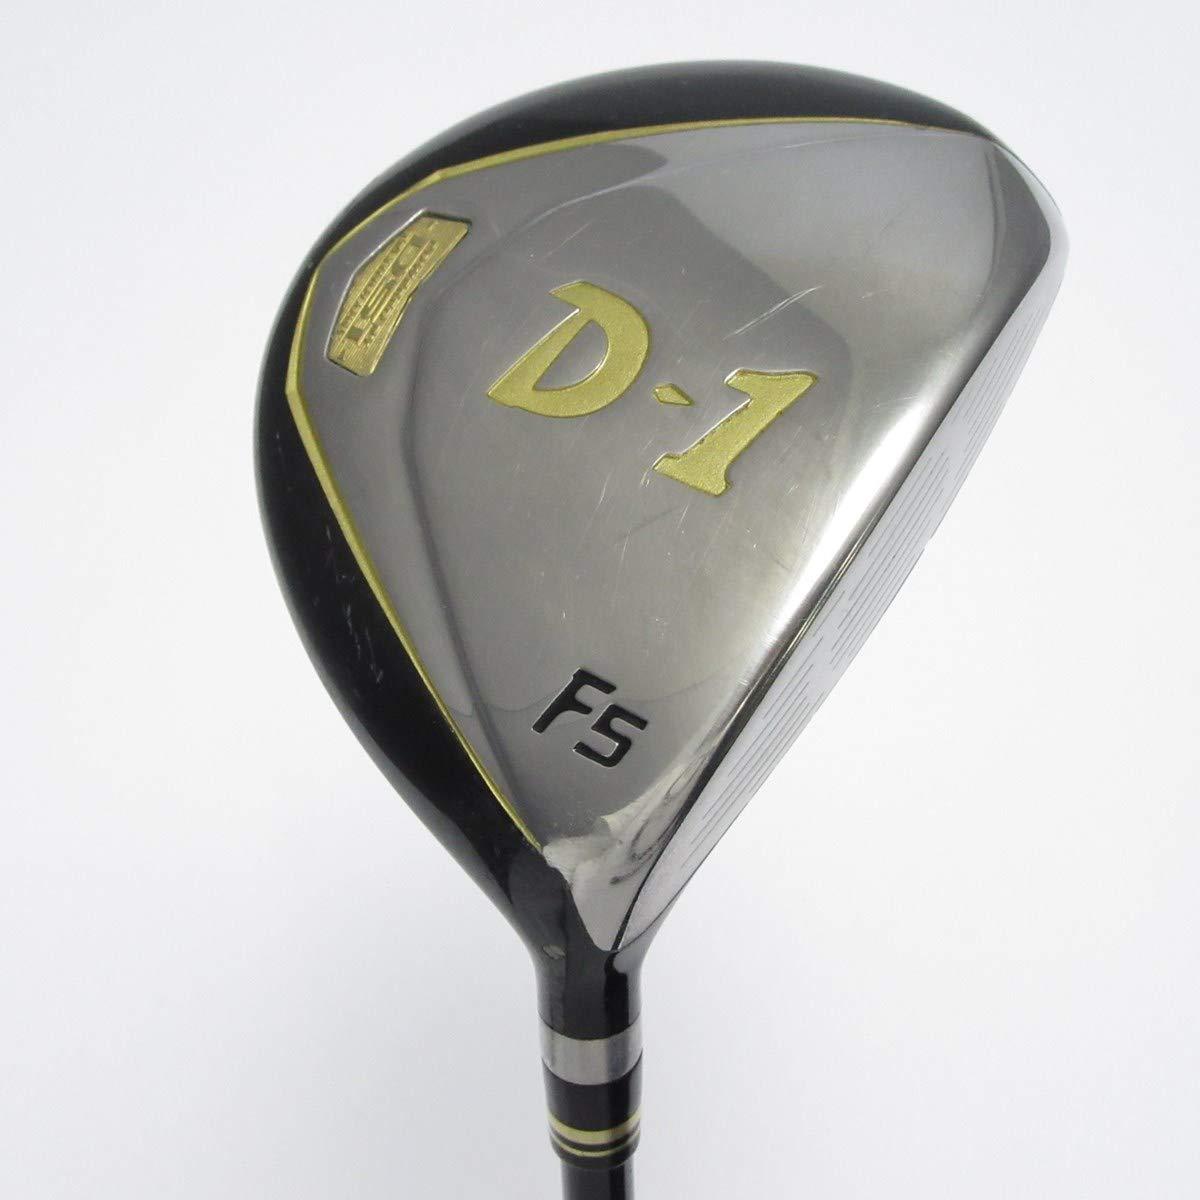 【中古】リョーマ ゴルフ RYOMA GOLF Ryoma D-1 F(メーカー公認中古) フェアウェイウッド Tour AD RYOMA F 【5W】 B07MTPWPSJ  SR